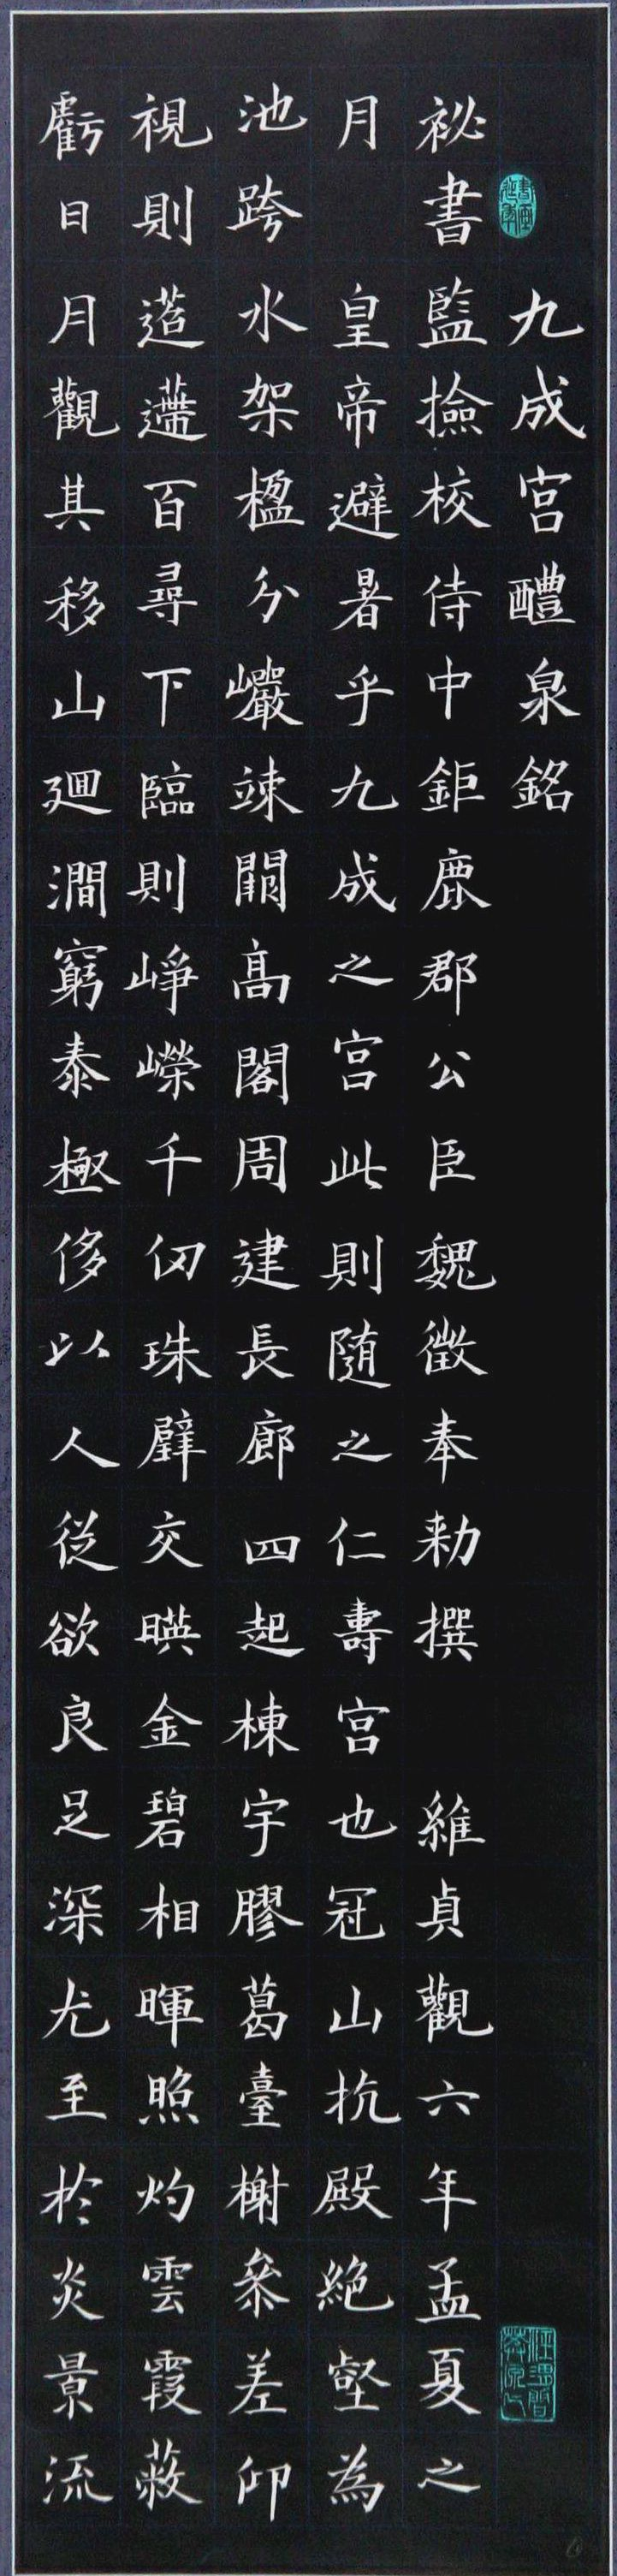 李笔戎 (1)_副本_副本_副本 - 副本.jpg